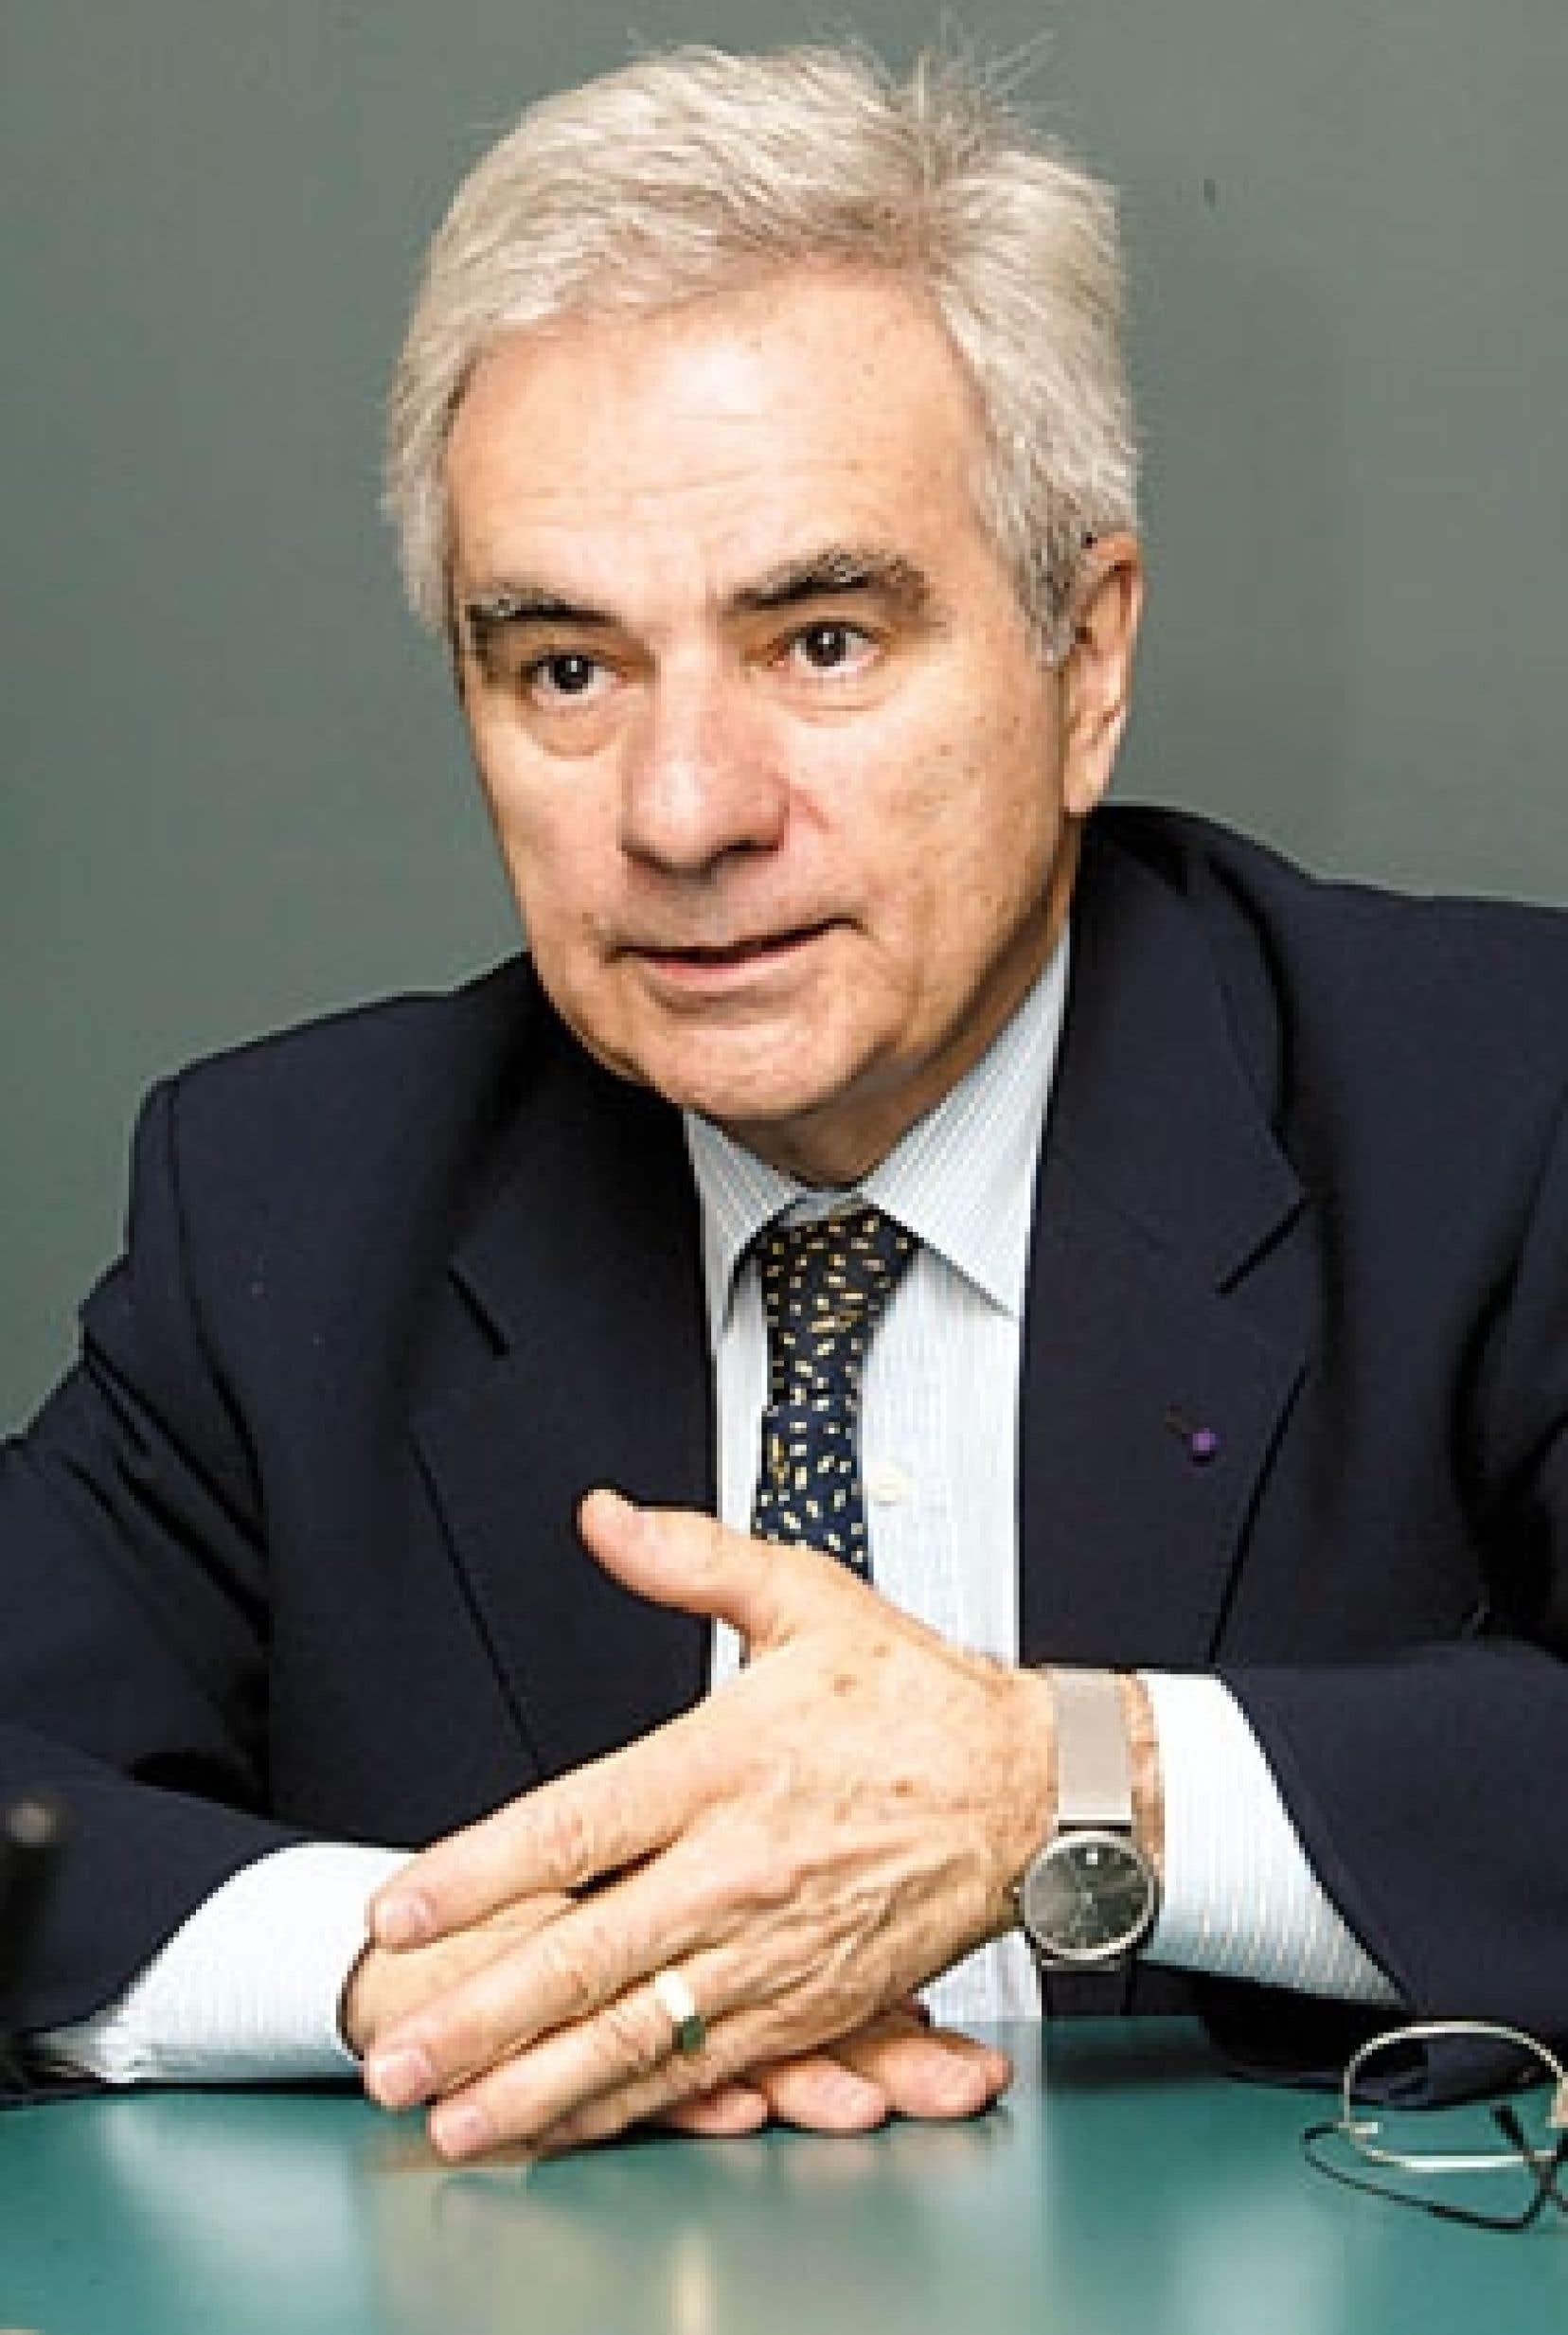 Roch Denis